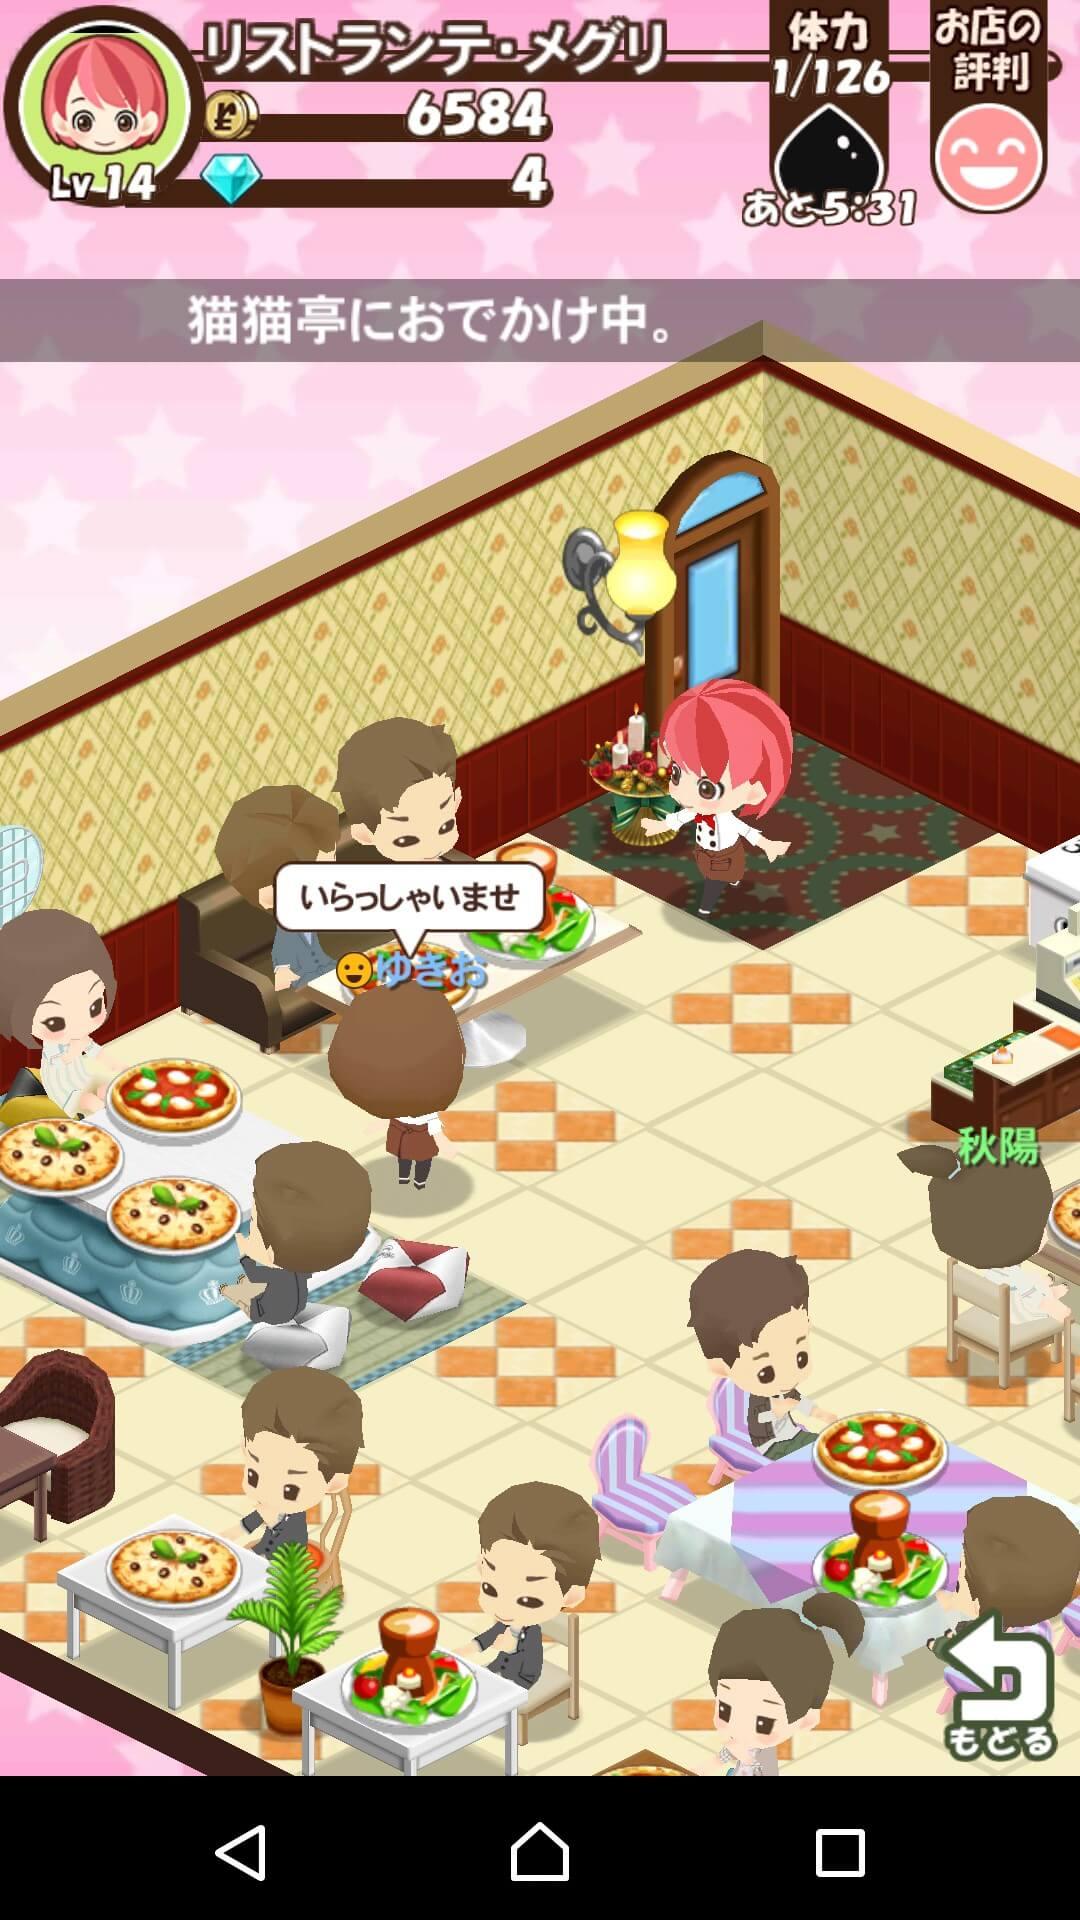 別プレイヤーのレストランにお出かけしてる画像です。